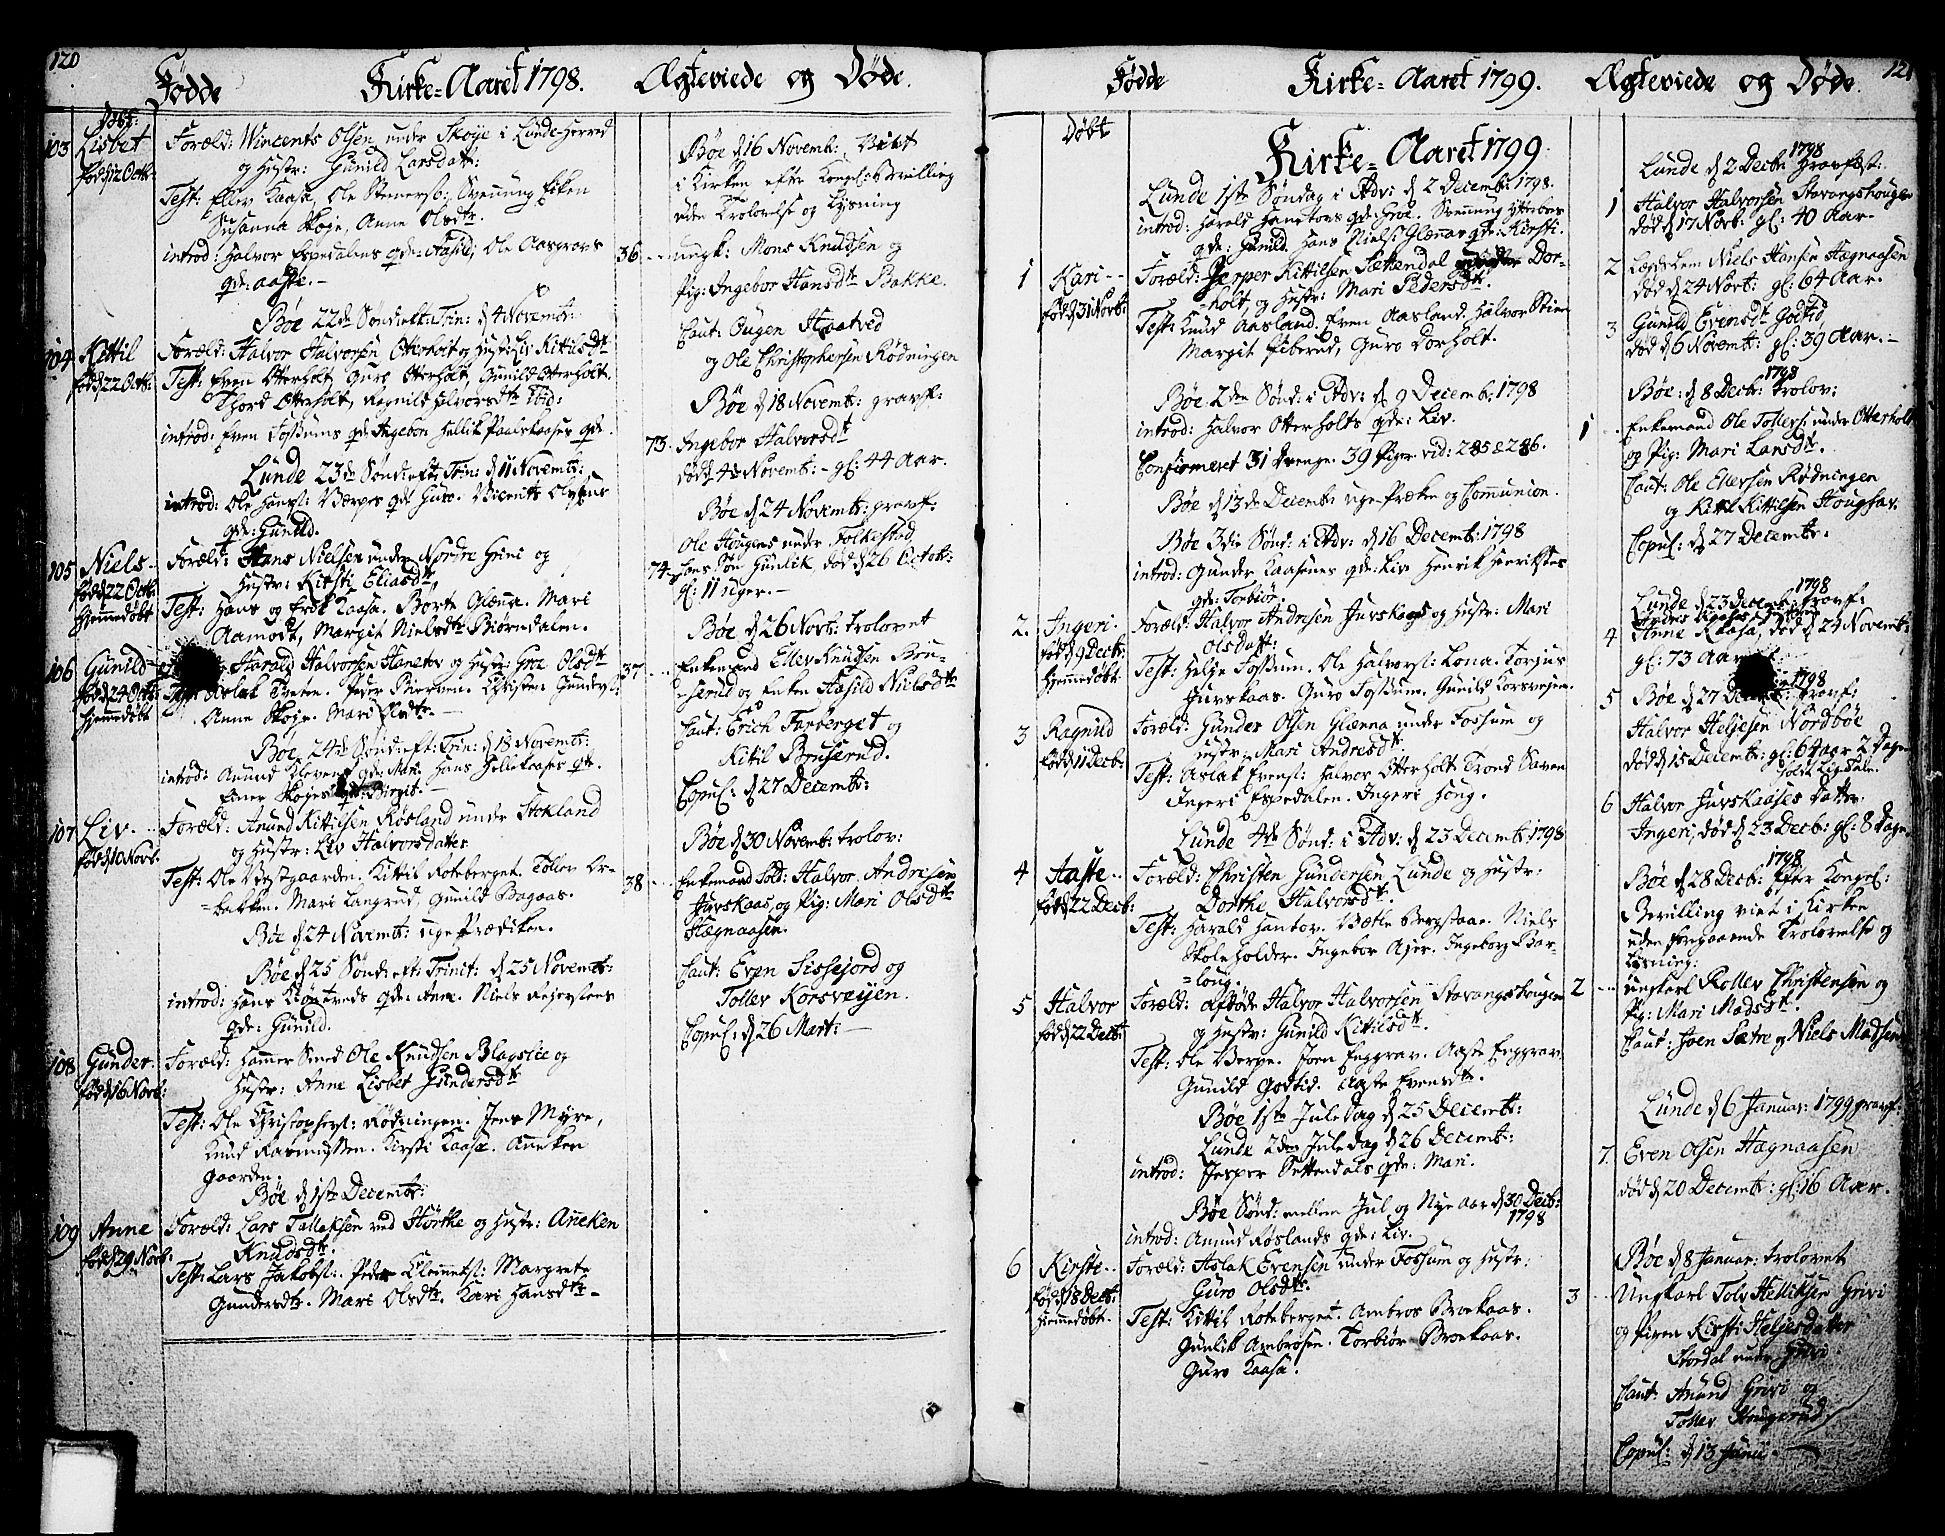 SAKO, Bø kirkebøker, F/Fa/L0005: Ministerialbok nr. 5, 1785-1815, s. 120-121